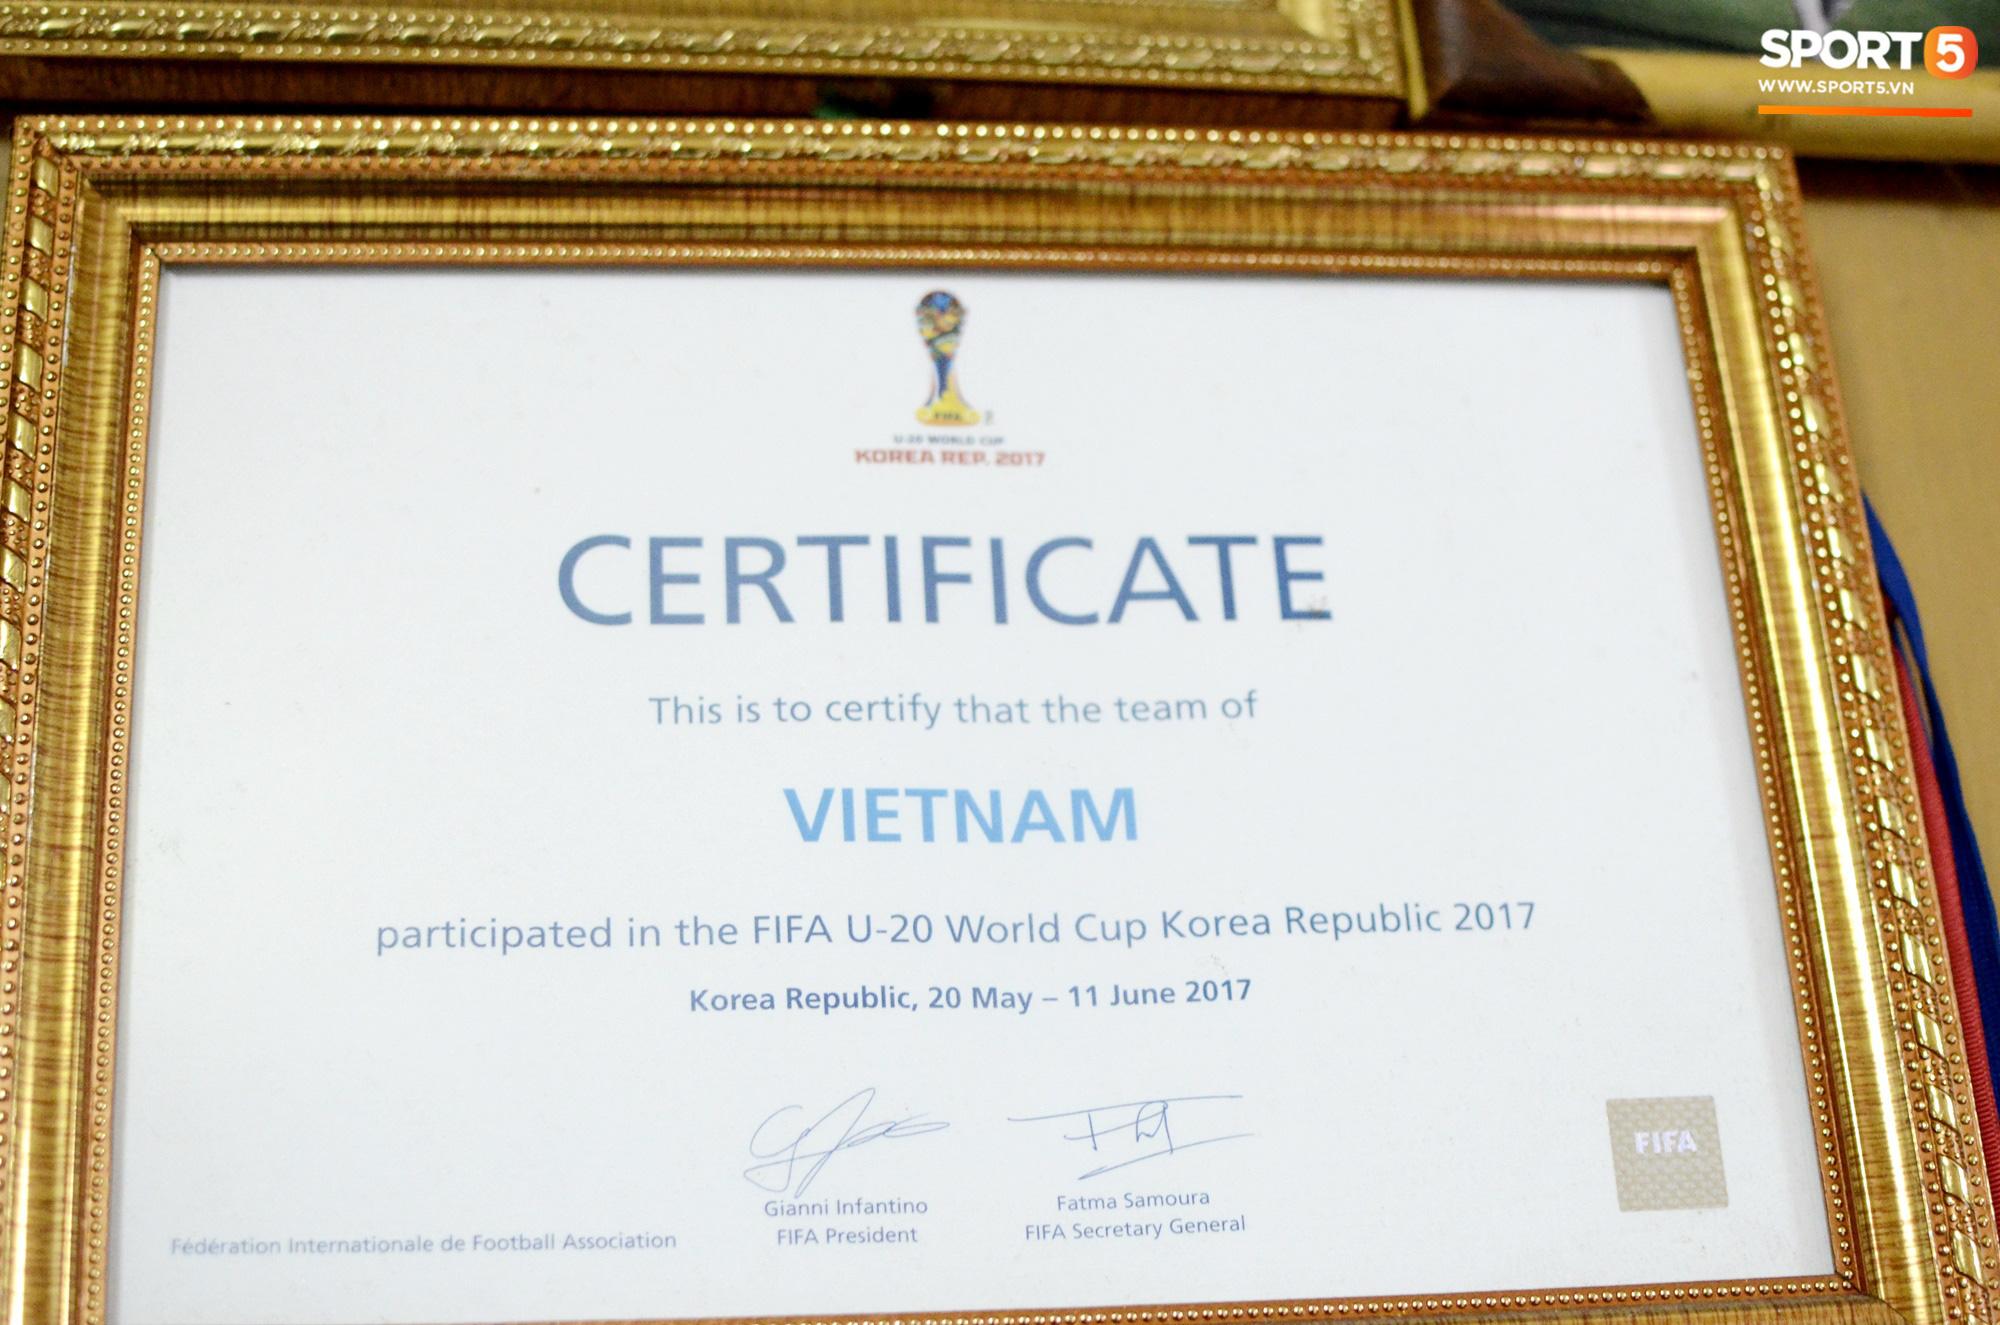 Về thăm nhà người hùng U22 Việt Nam, Nguyễn Hoàng Đức: Tràn ngập kỷ vật World Cup và những bức ảnh thời trẻ trâu hết sức dễ thương - Ảnh 6.